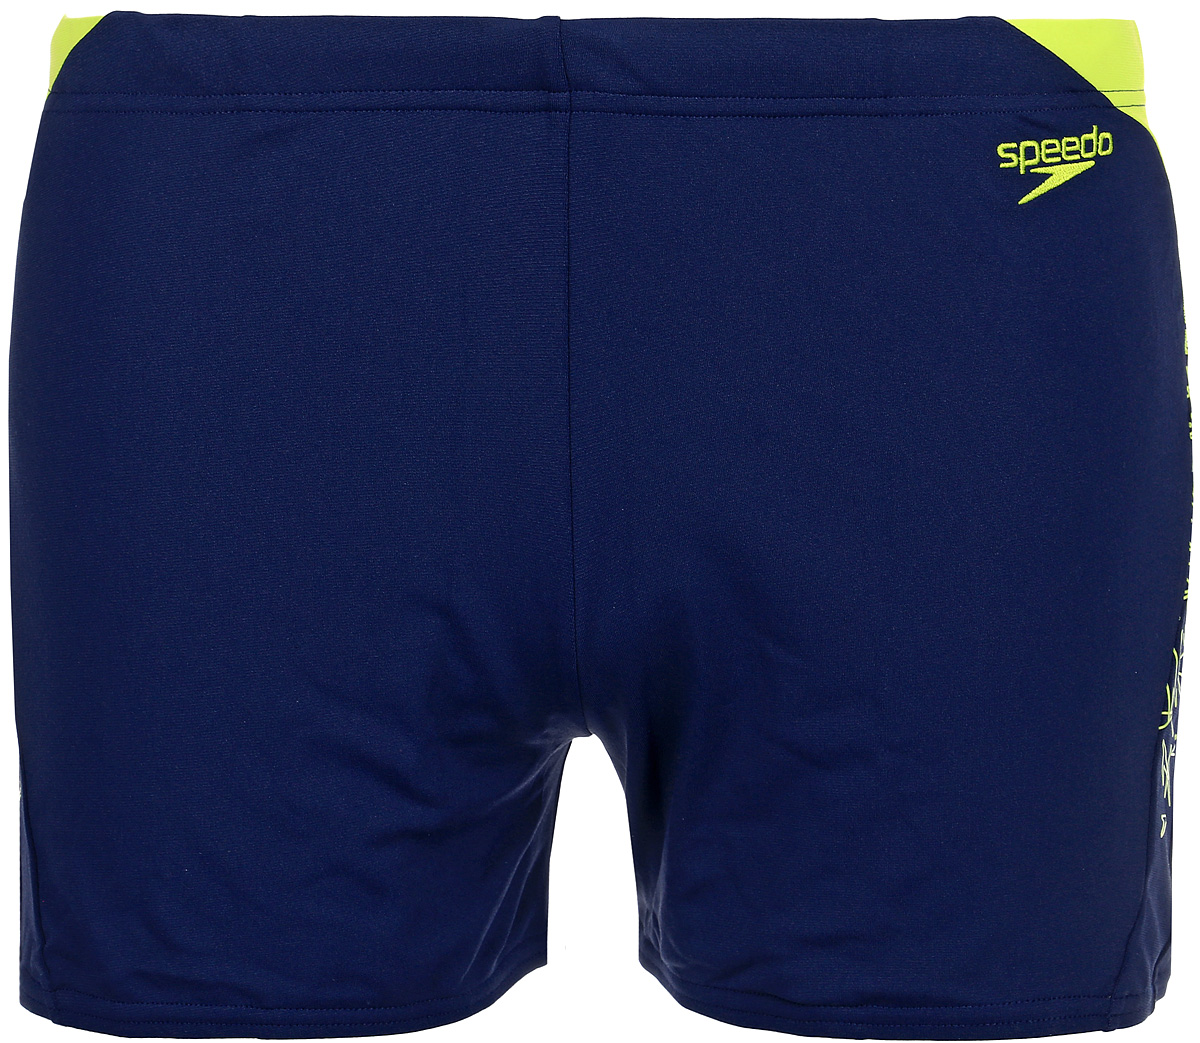 Плавки-шорты мужские Speedo Boom Splice Aquashort, цвет: темно-синий, желтый. 8-10855B749-B749. Размер 32 (42/44)8-10855B749-B749Мужские спортивные плавки-шорты Boom Splice Aquashort от Speedo – модель, идеально сочетающая в себе высокое качество, удобство и стиль. Благодаря сверхпрочному материалу Endurance+ плавки обладают 100% защитой от воздействия хлора и яркого света. Не потеряют своей яркости и эластичности даже при интенсивных регулярных тренировках. Прекрасно тянутся в 4 направлениях, что позволяет добиться идеальной посадки и полной свободы движений во время плавания. Регулируются по поясу с помощью внутреннего шнурка. Яркий контрастный принт сбоку придает модели свежий, современный вид. Мужские плавки-шорты от Speedo для тренировок в бассейне.